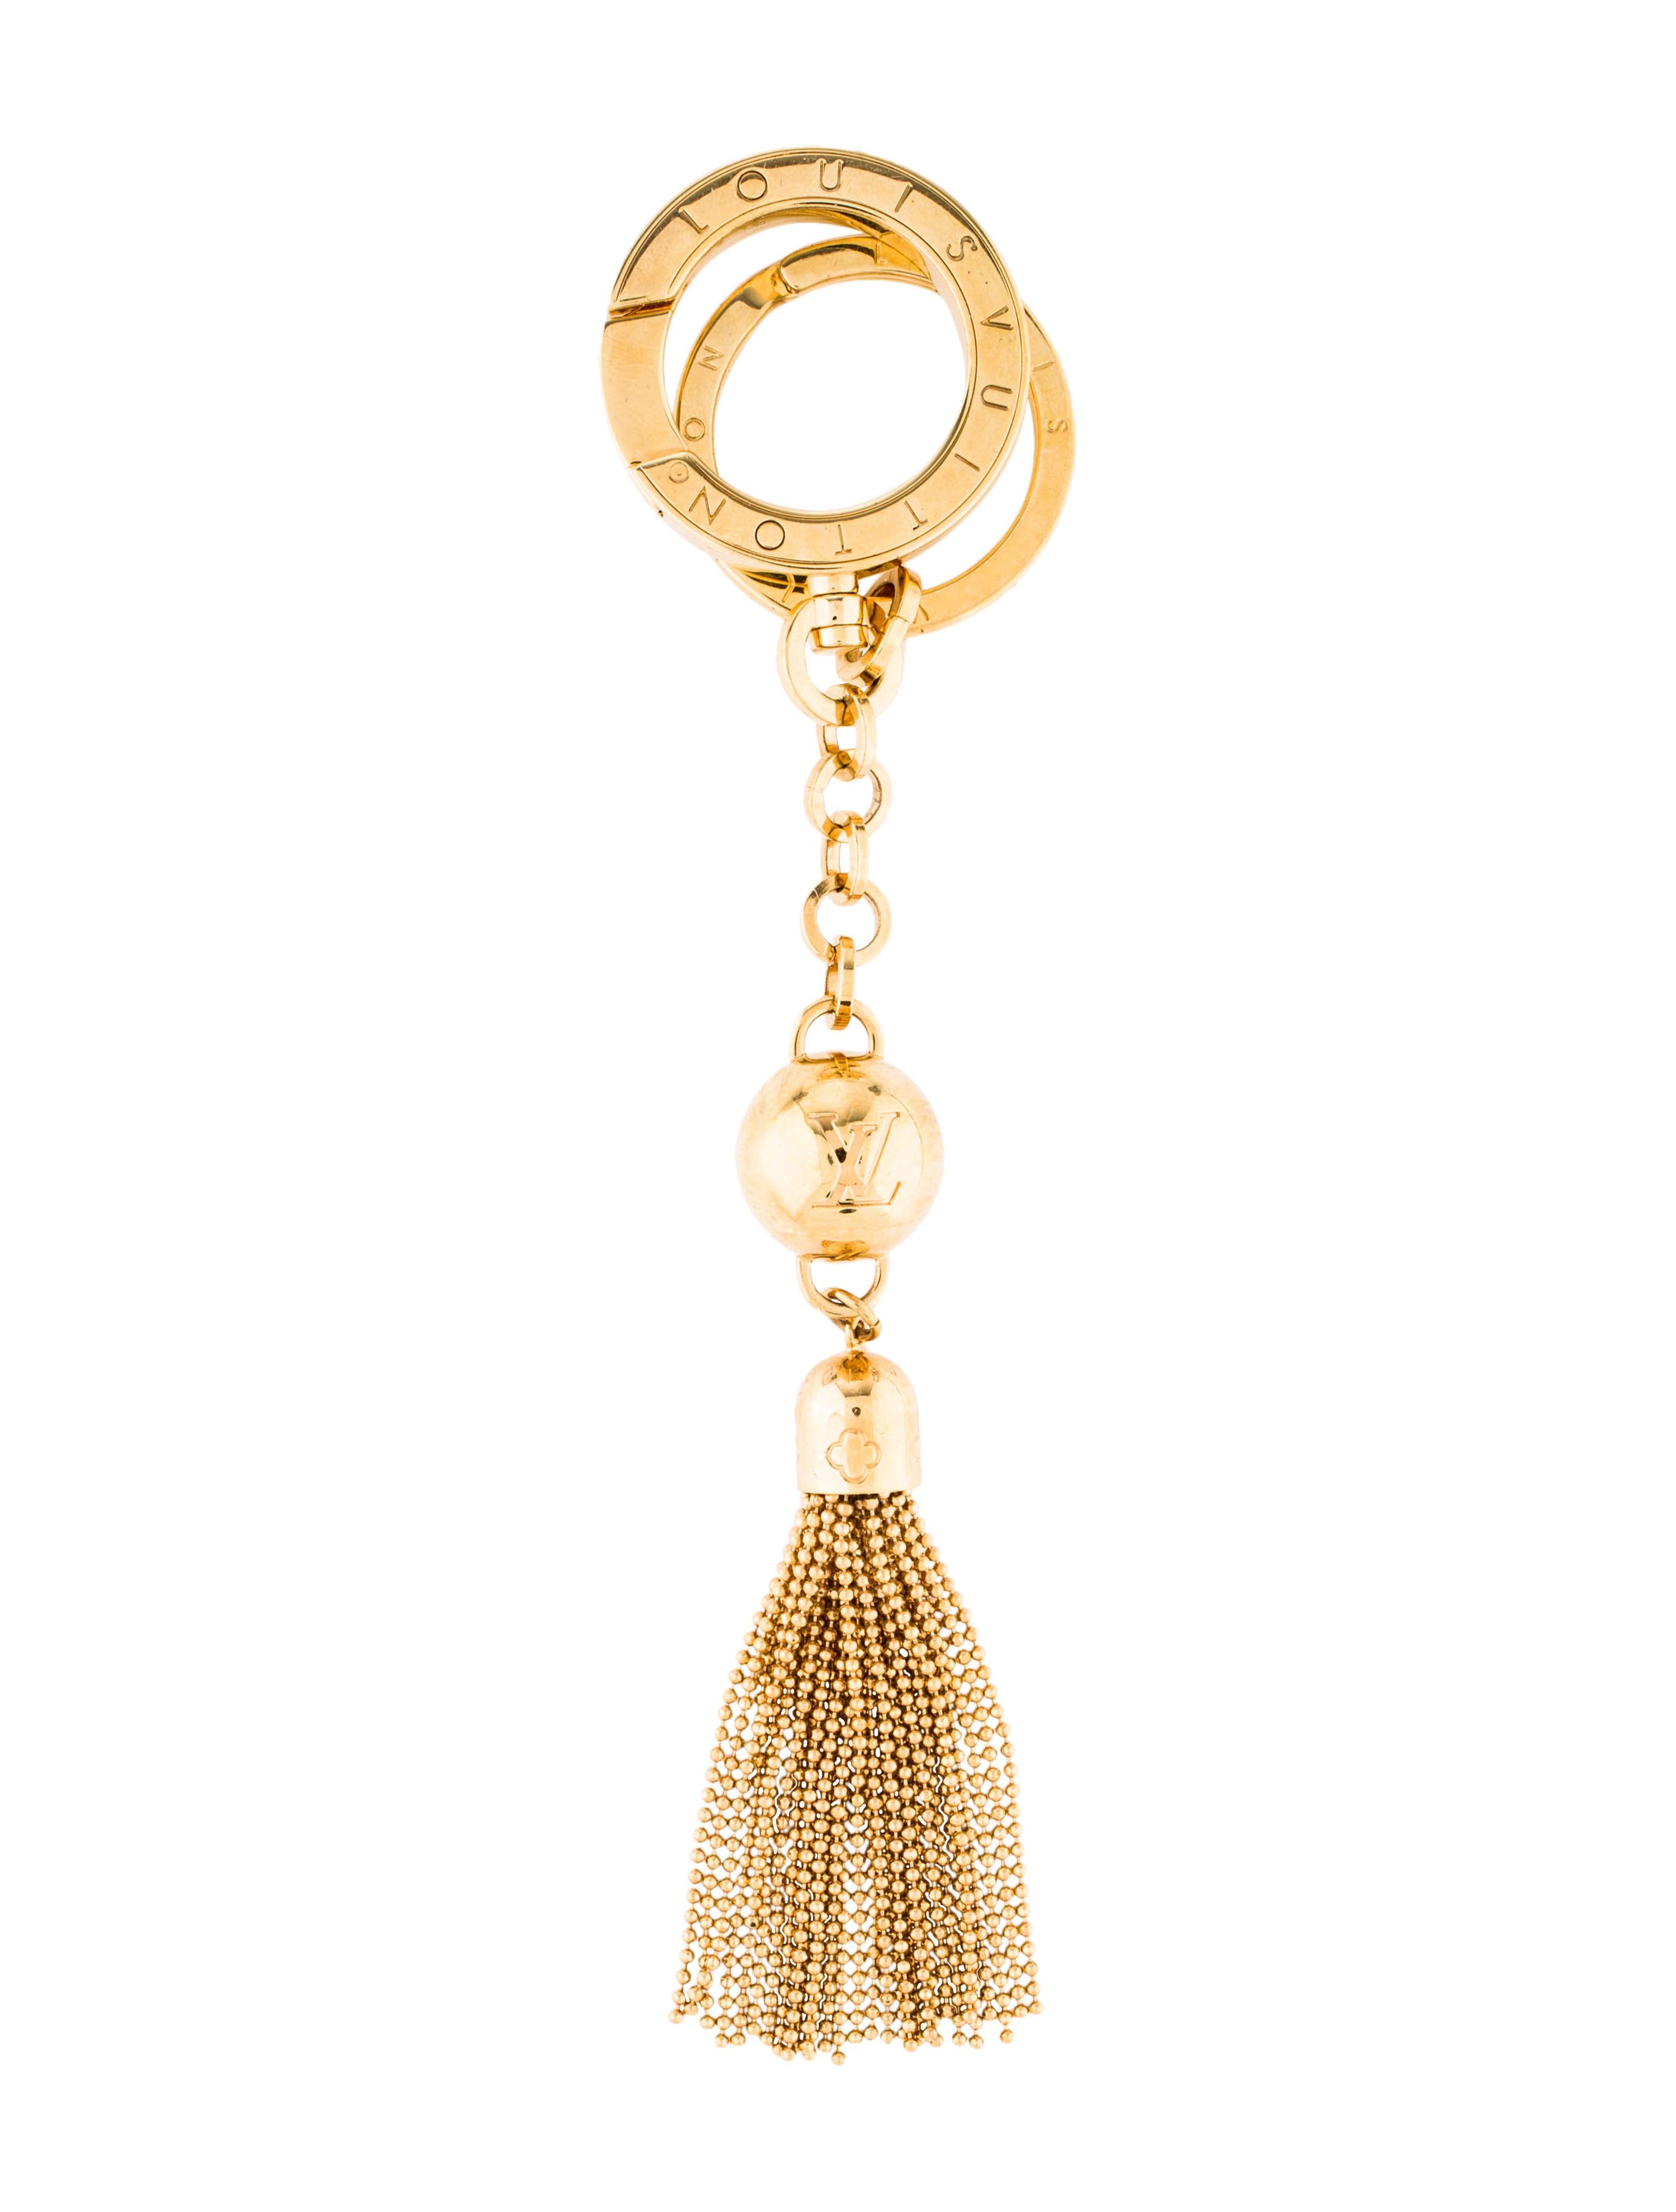 a608185513d Louis Vuitton Porte Cles Swing Bag Charm - Accessories - LOU202056 ...